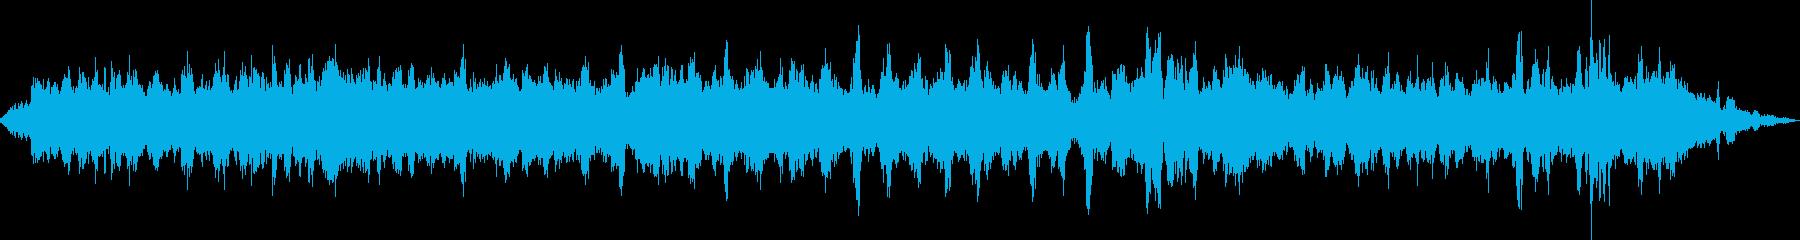 ASMR 夏の森のセミの泣き声の再生済みの波形